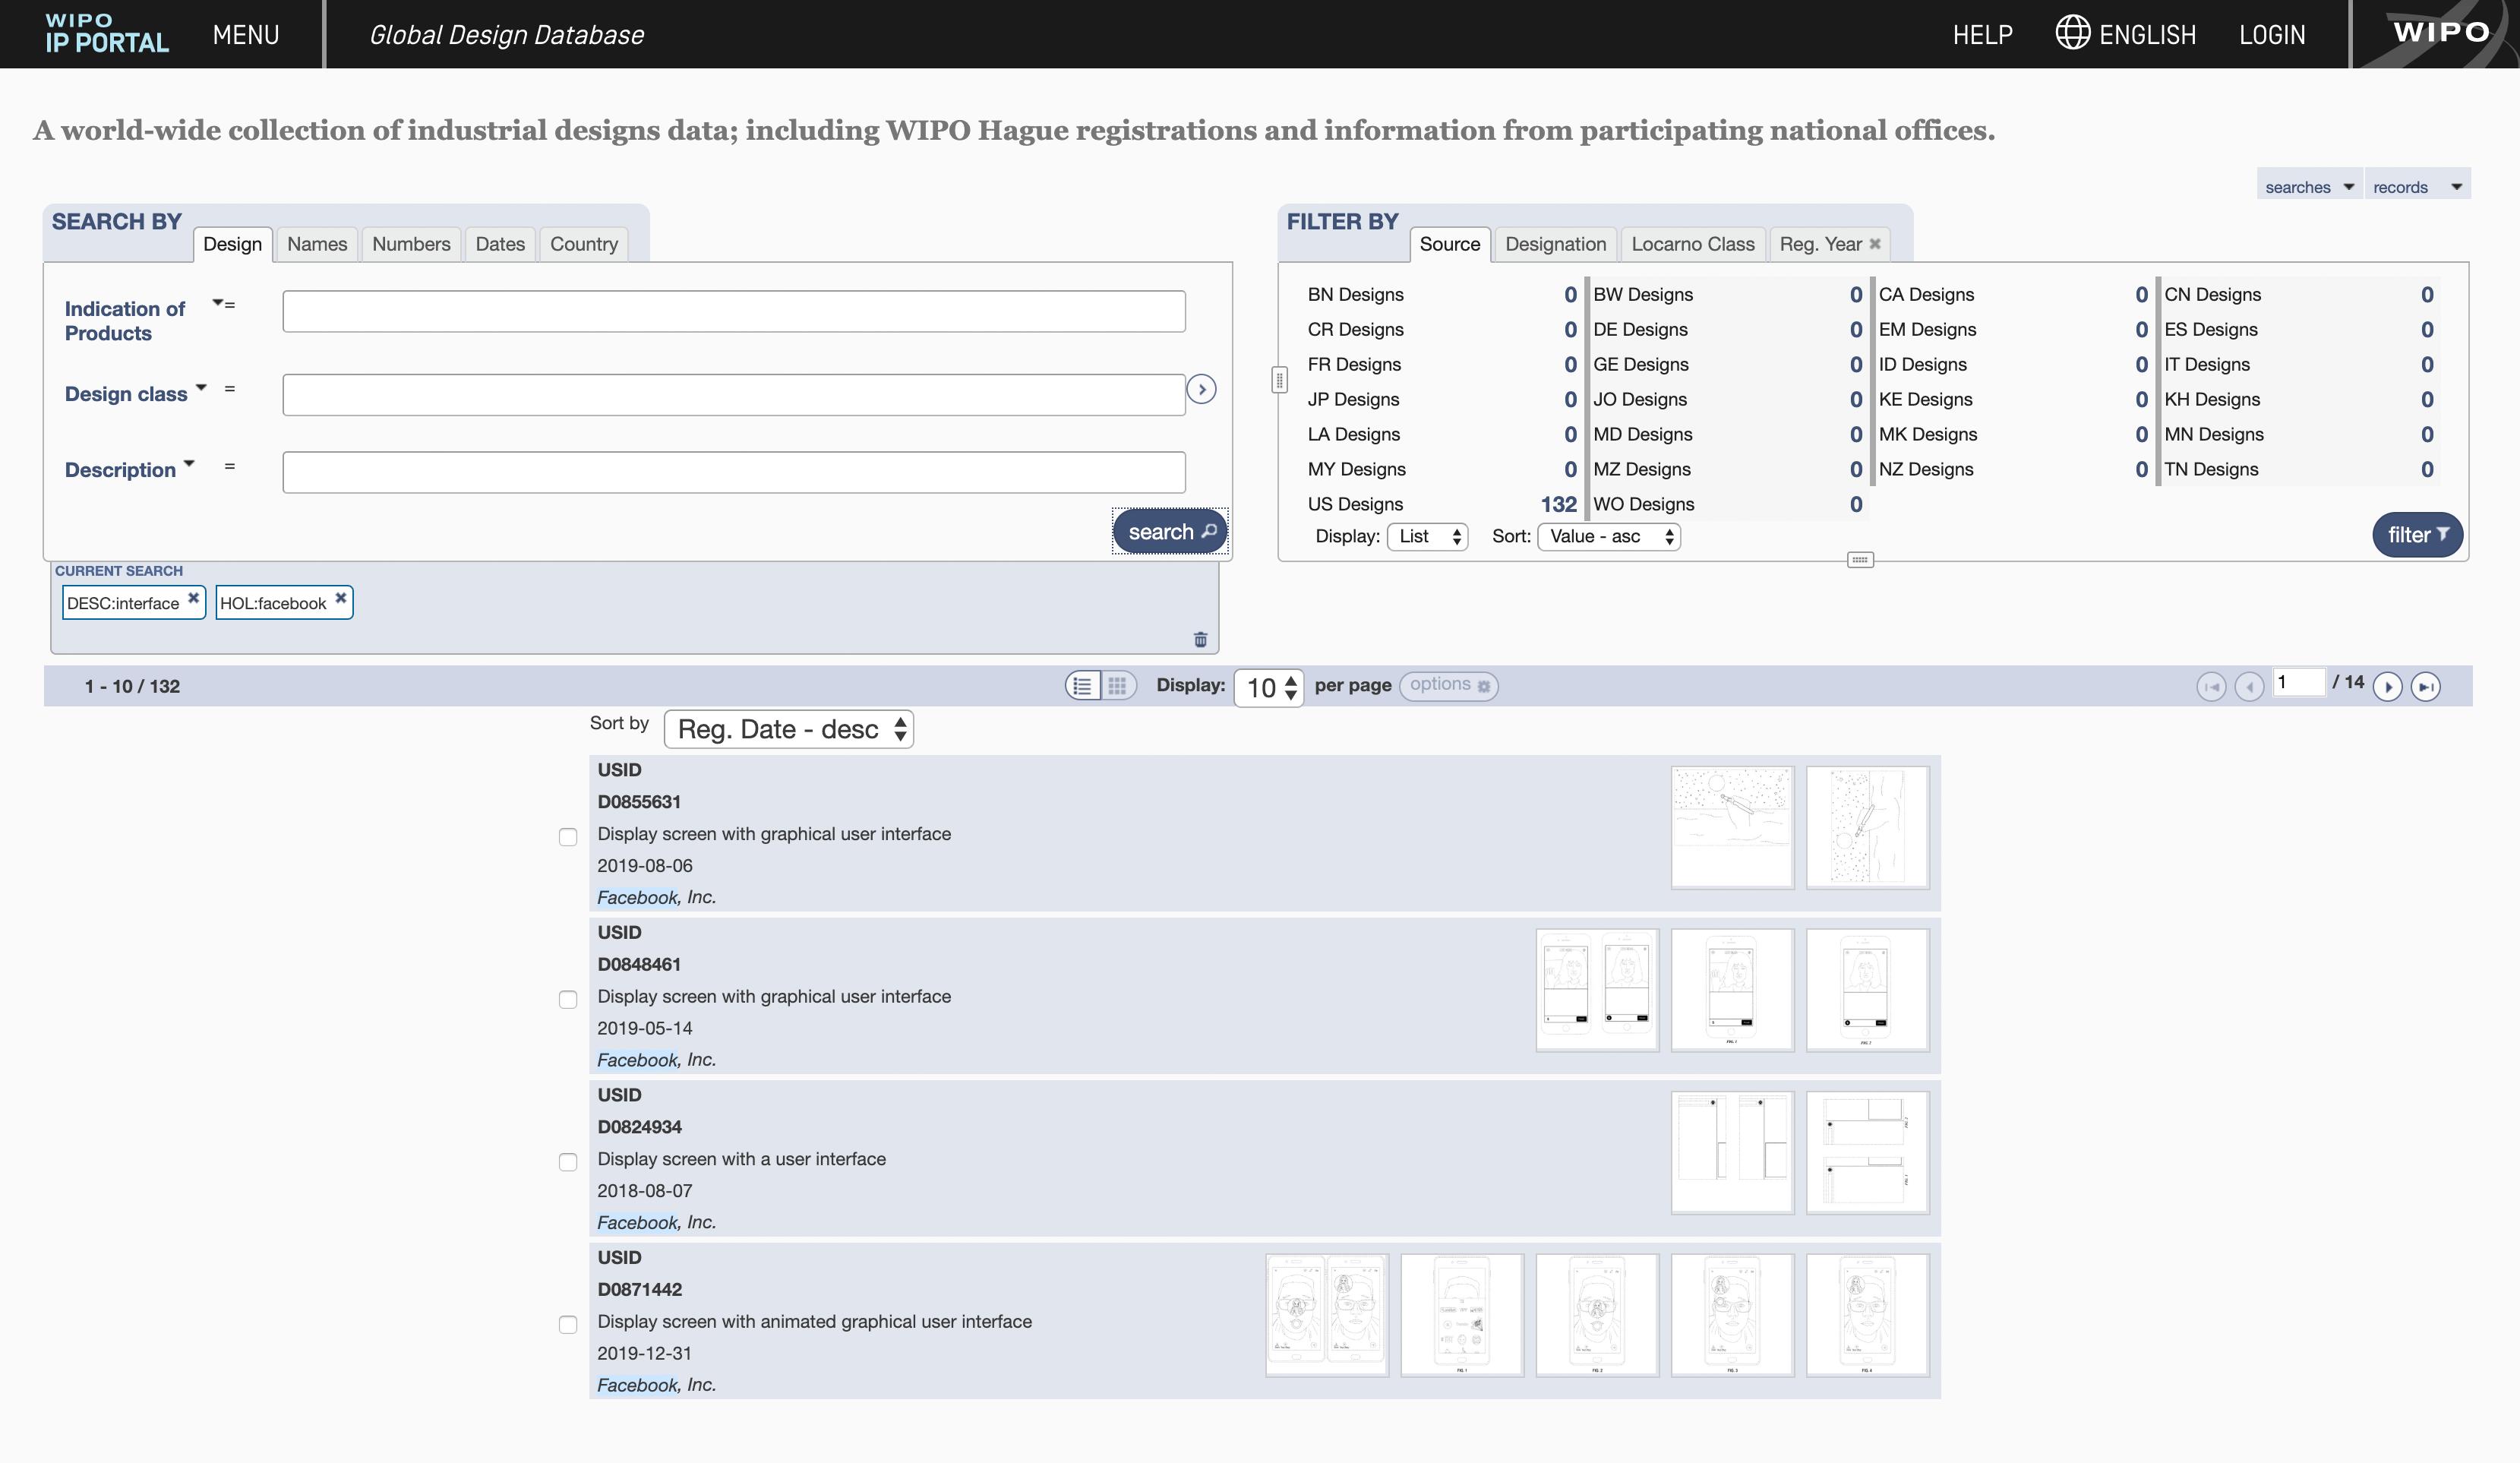 Чтобы посмотреть, какие интерфейсы запатентованы у Фейсбука, нужно открыть Глобальную базу данных промышленных образцов и указать Facebook в поле Holder и interface в поле Description. Всего у Фейсбука сейчас 126 патентов на интерфейс